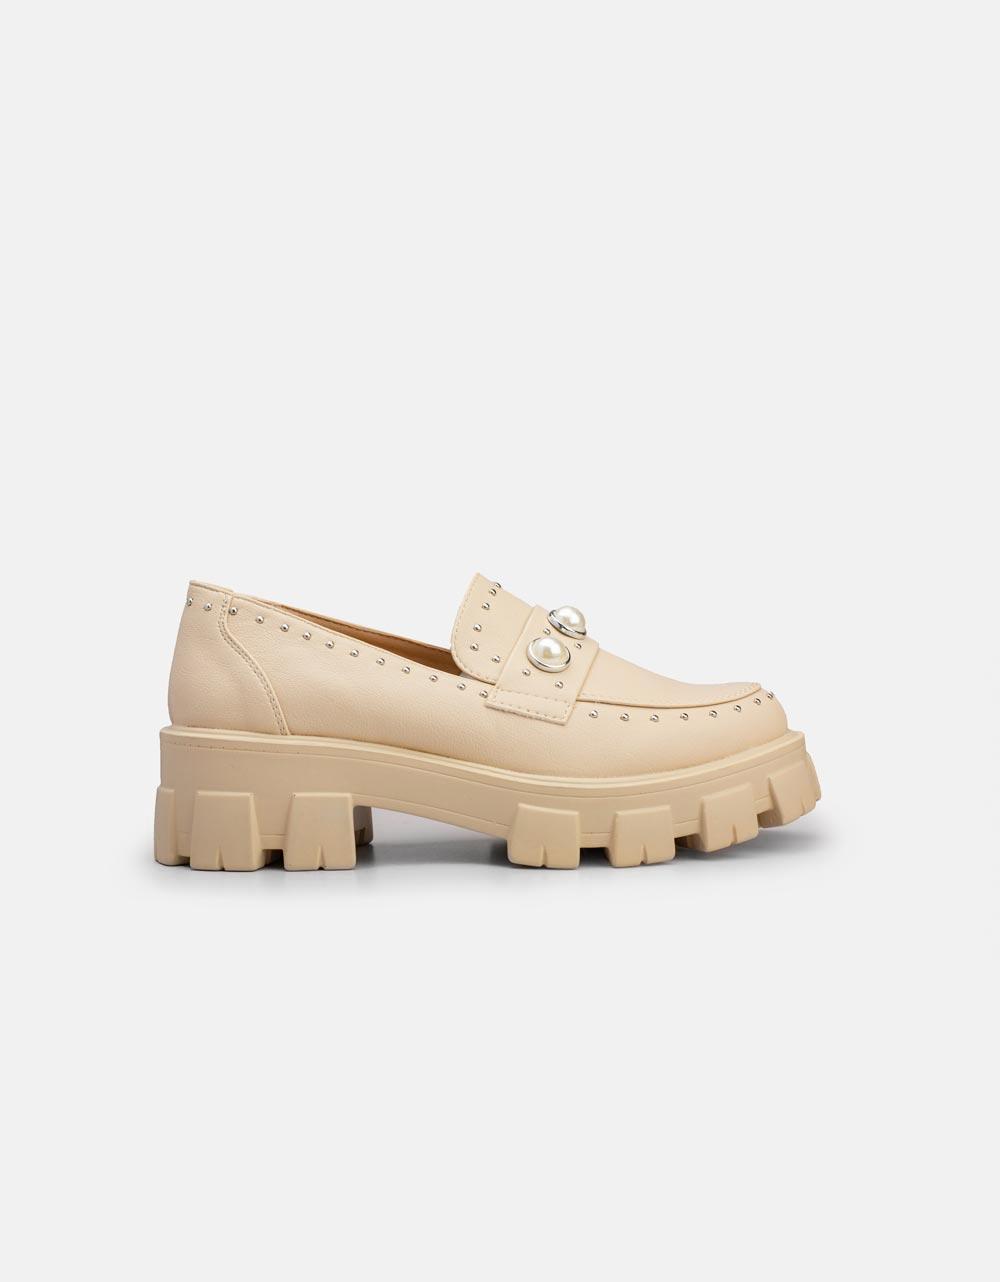 Εικόνα από Γυναικεία loafers με τρακτερωτή σόλα Μπεζ